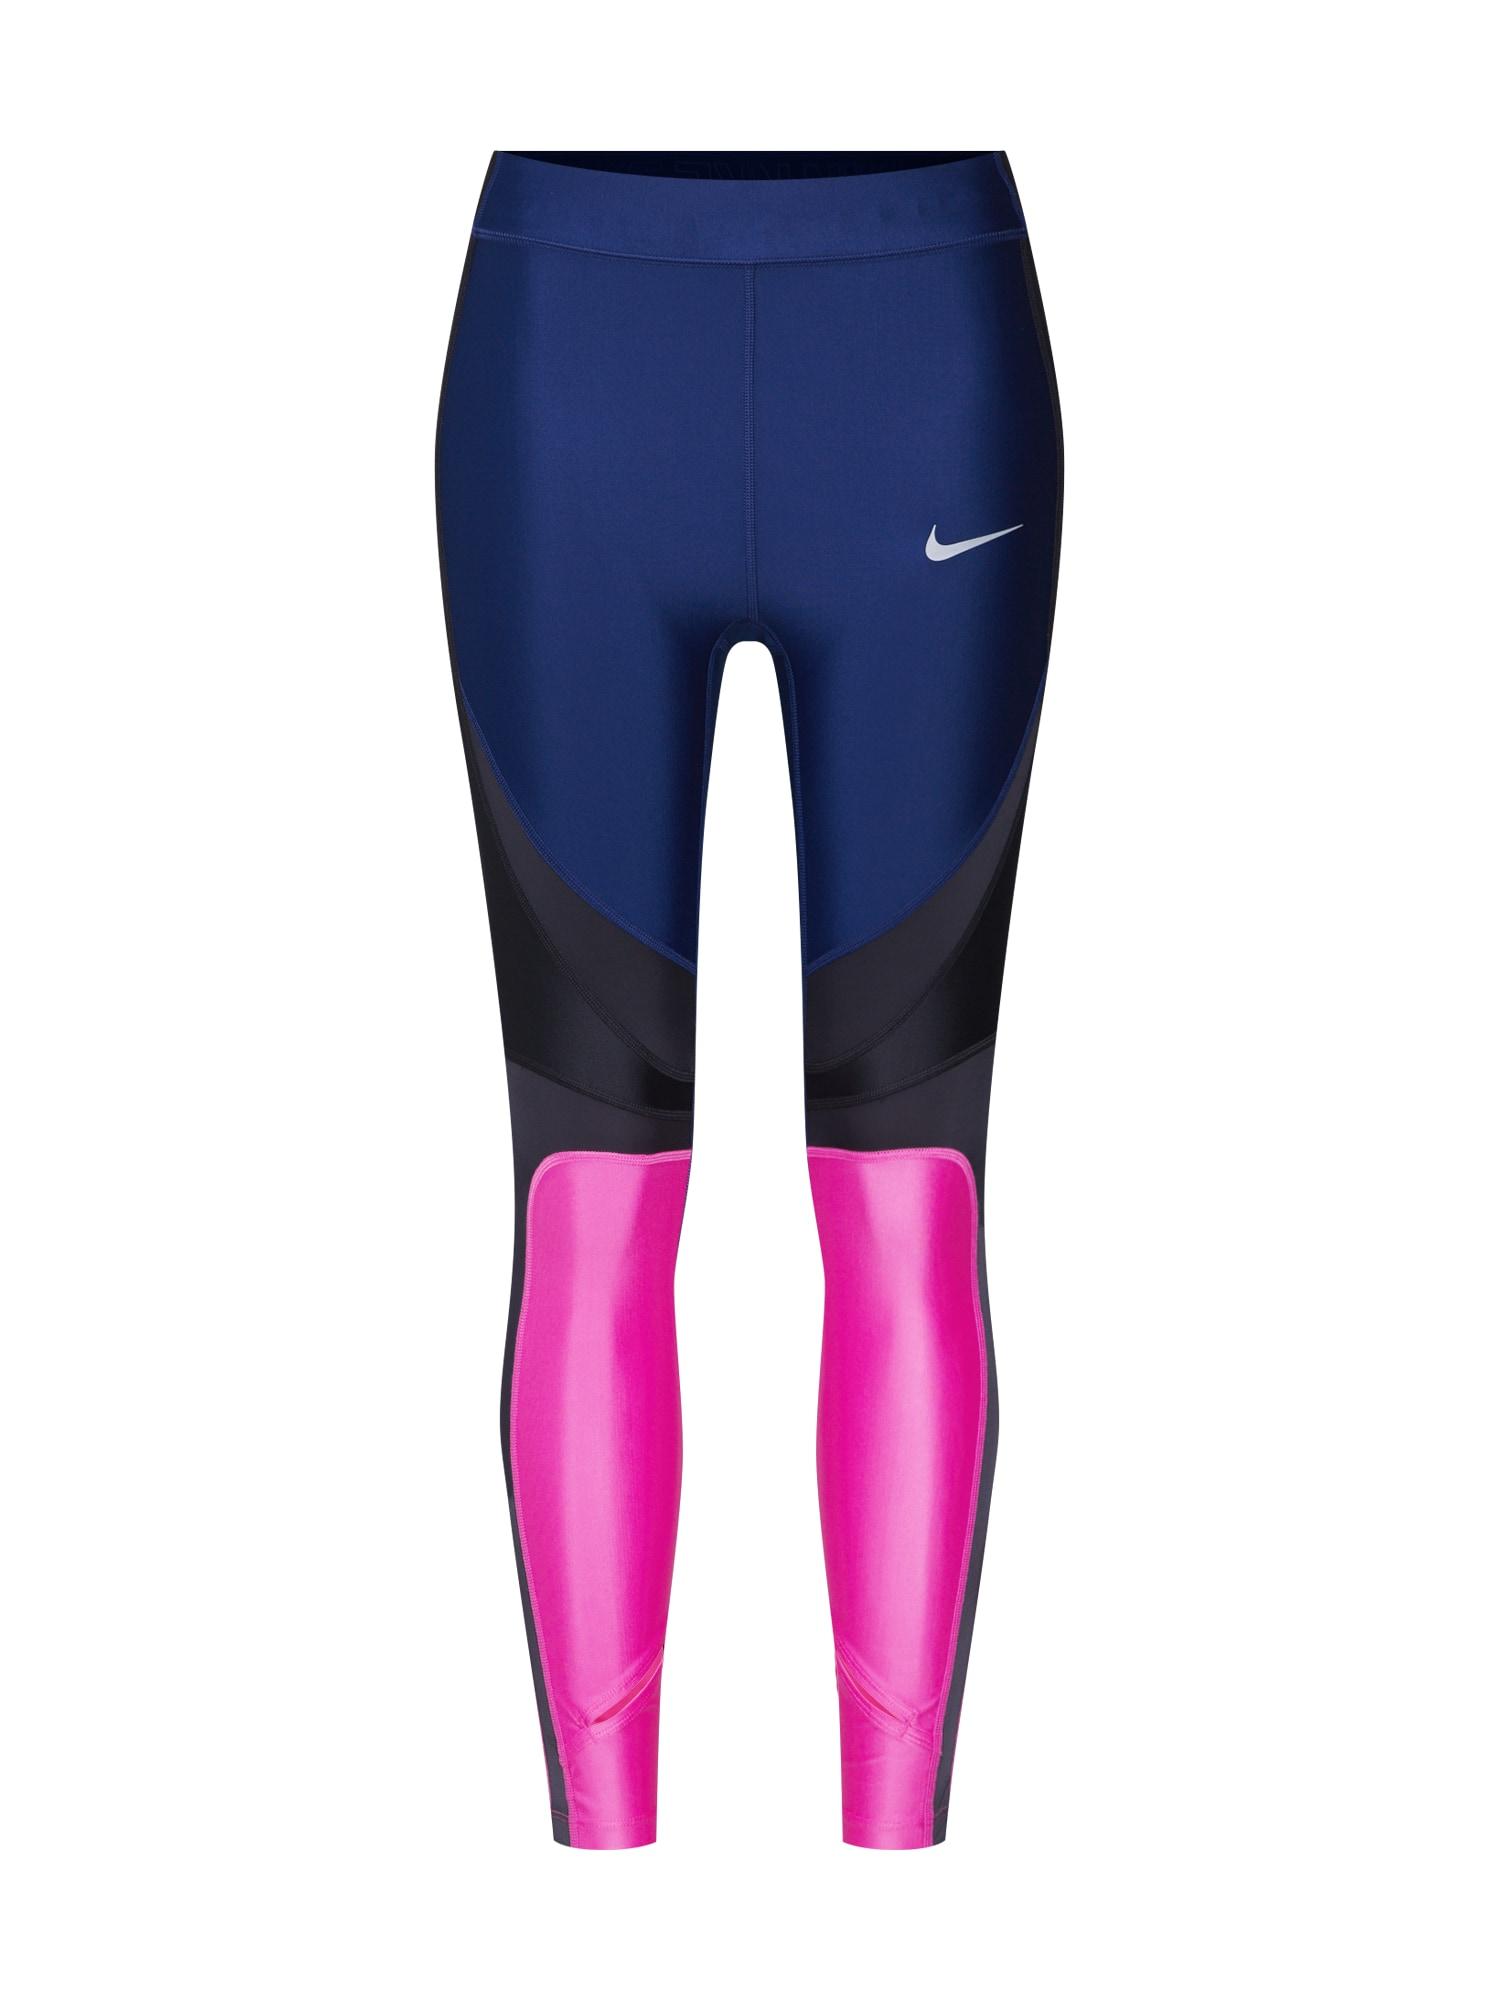 Sportovní kalhoty W NK PWR SPEED TGHT 7_8 CL tmavě modrá magenta NIKE